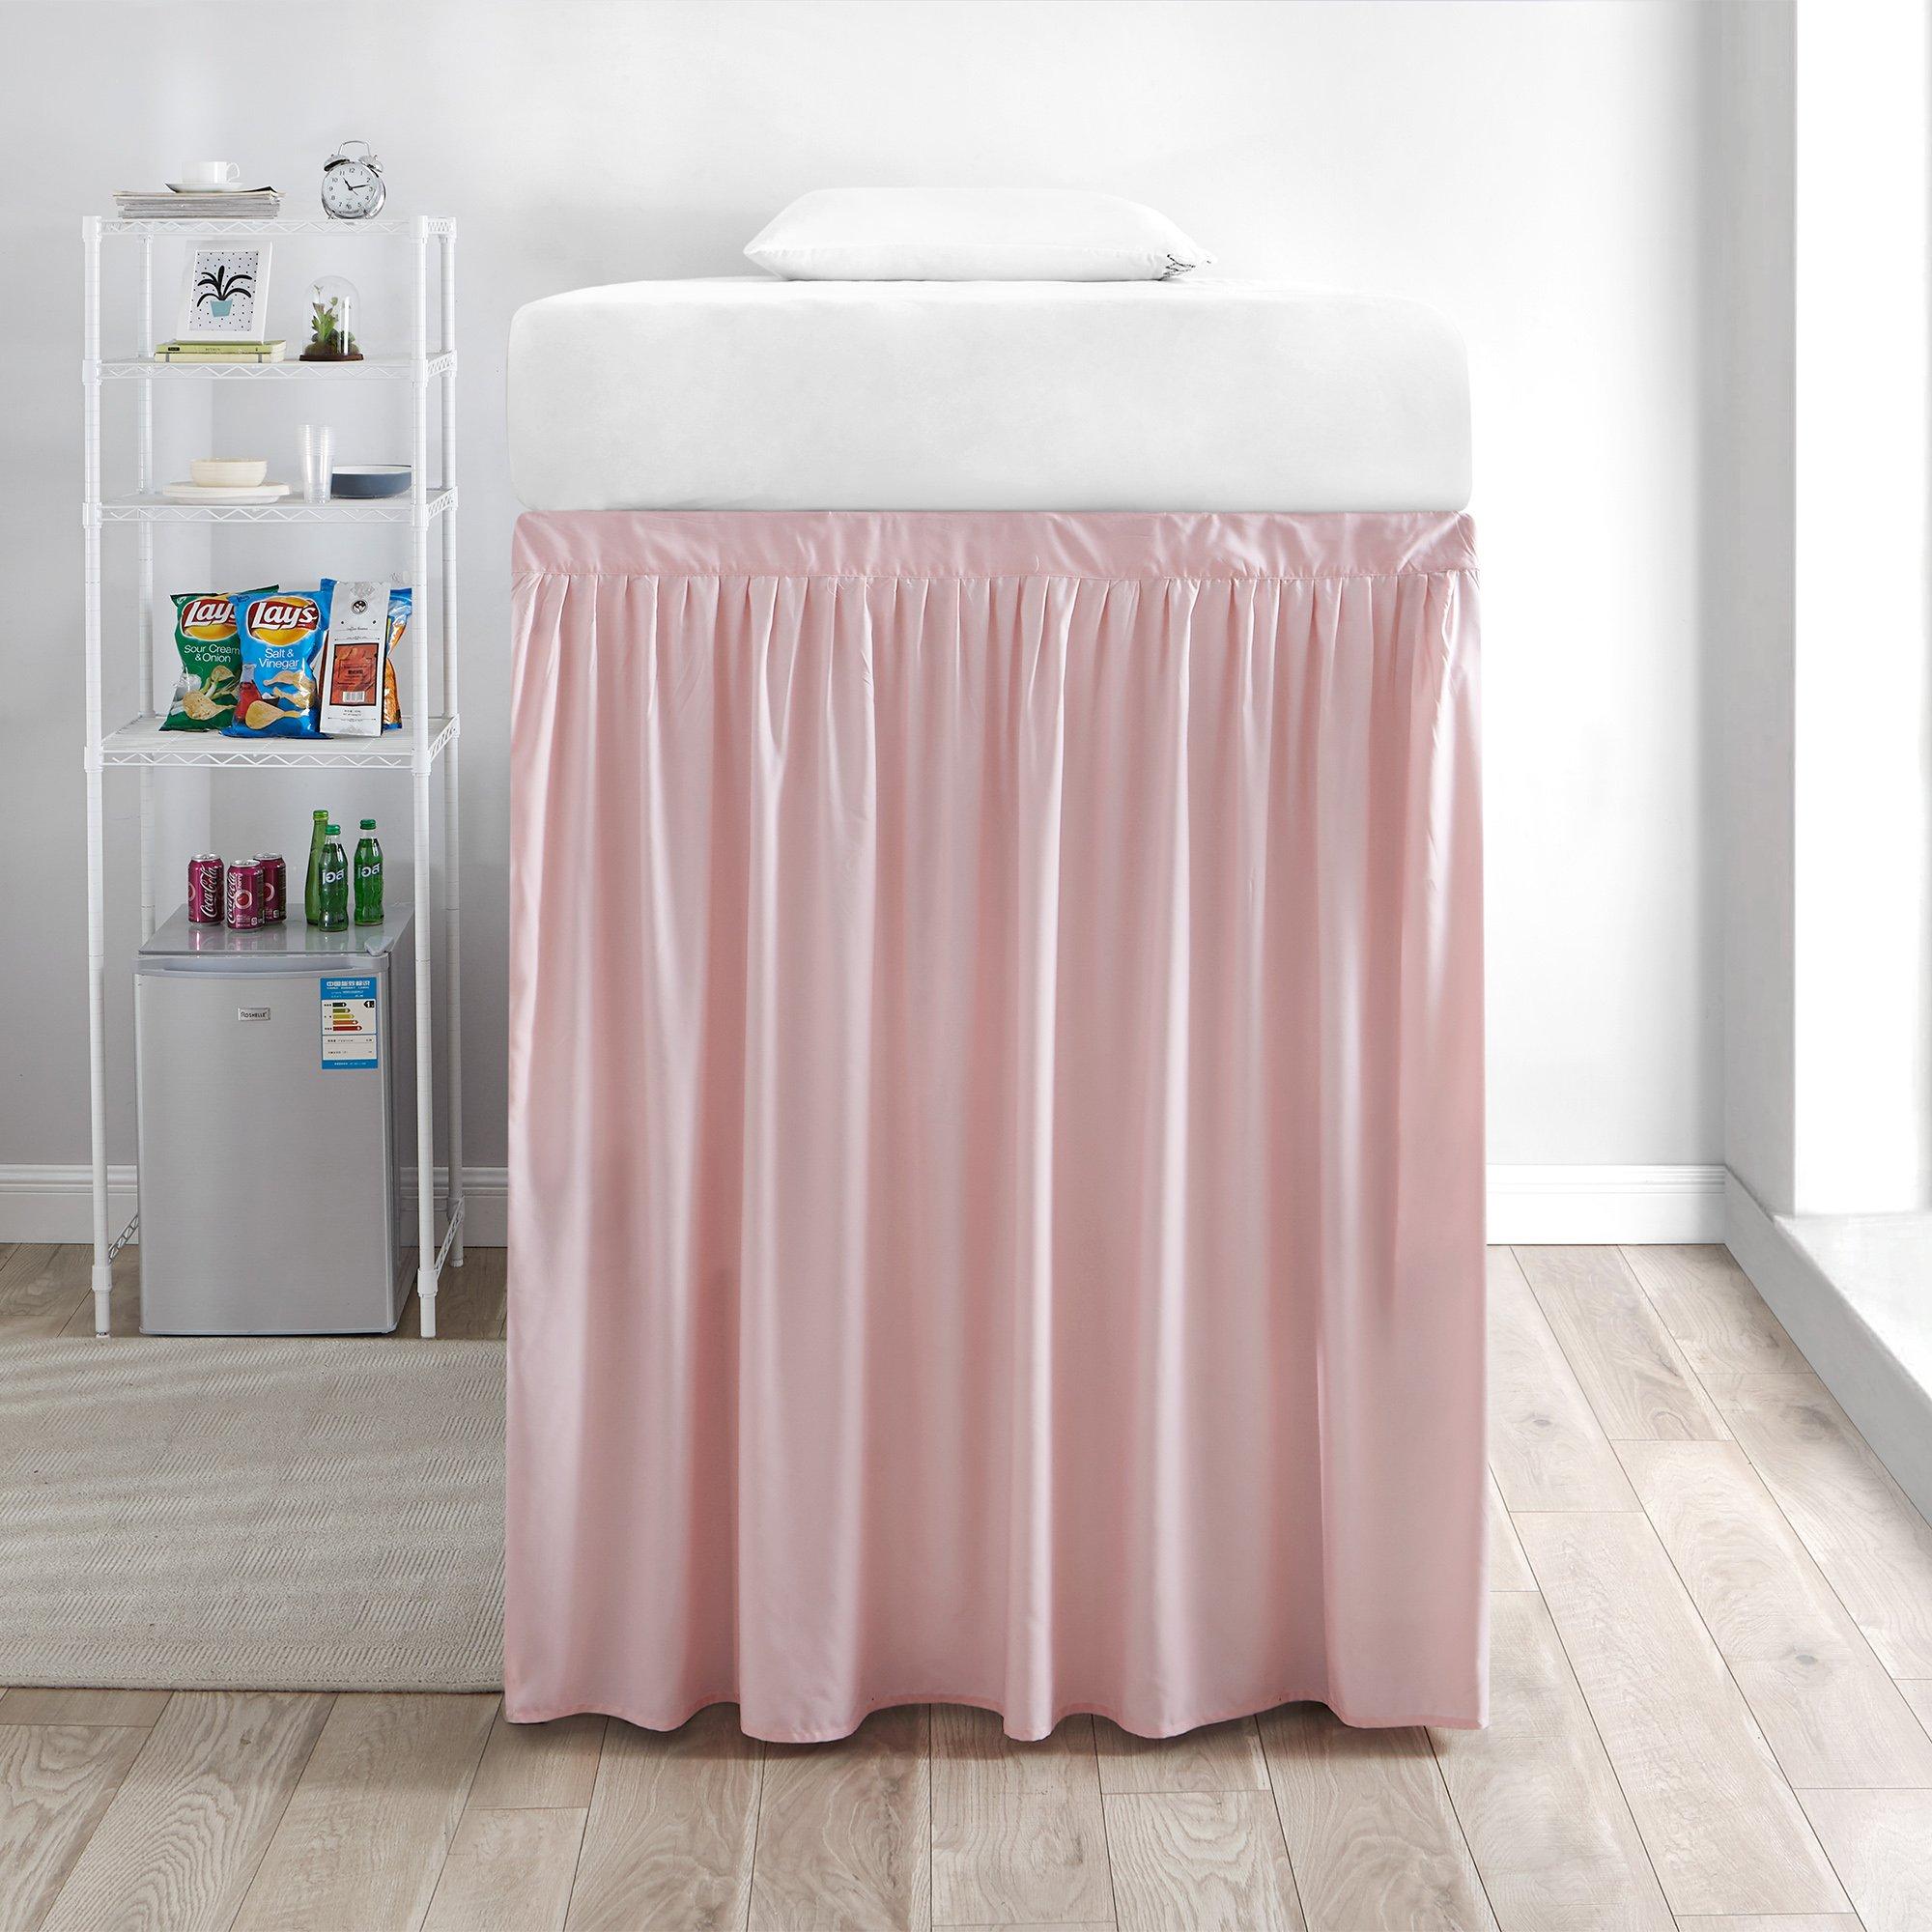 DormCo Extended Bed Skirt Twin XL (3 Panel Set) - Rose Quartz